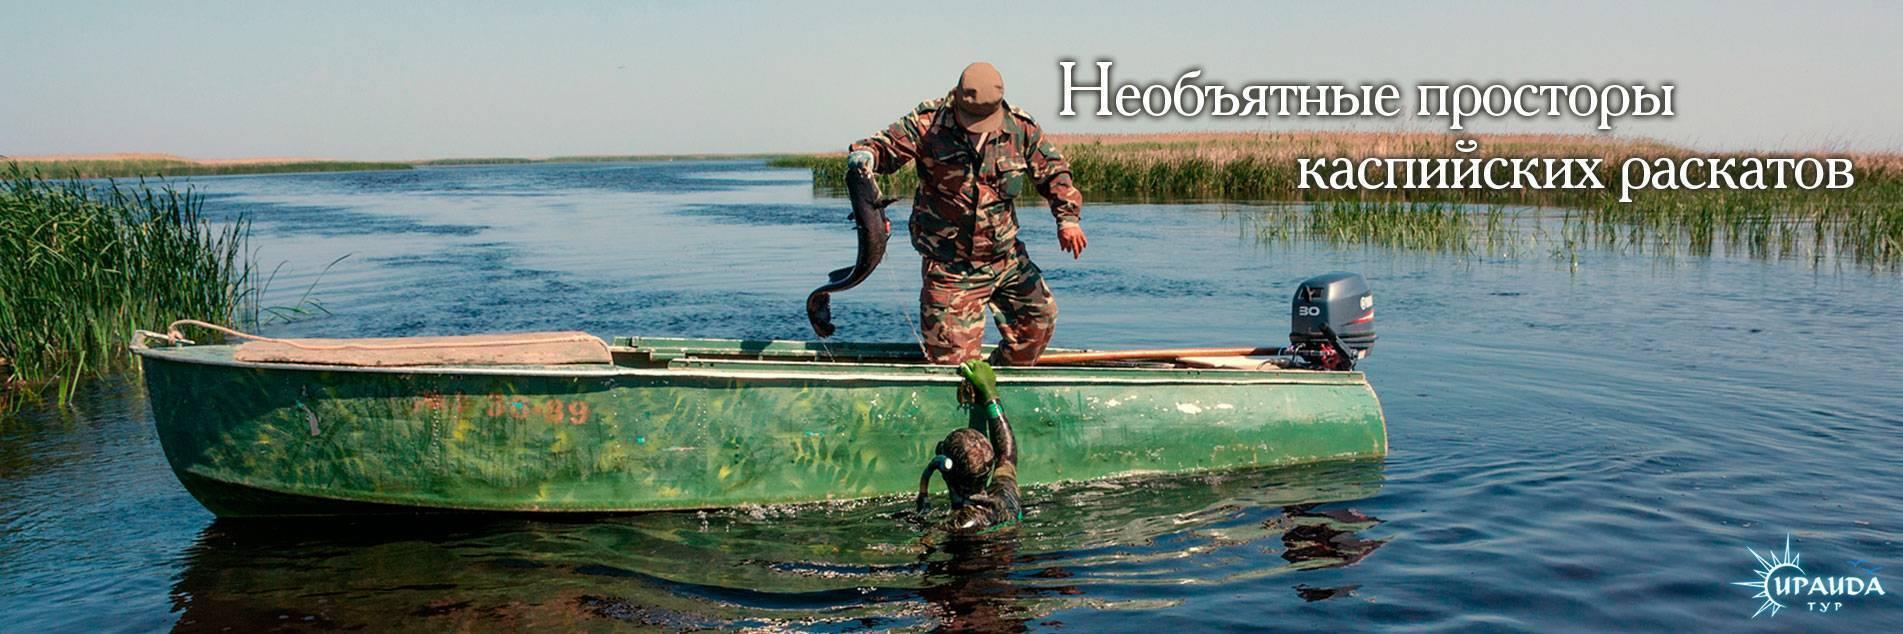 Рыболовная база «остров рыбака» на раскатах - астрахань, цены, фото, отзывы